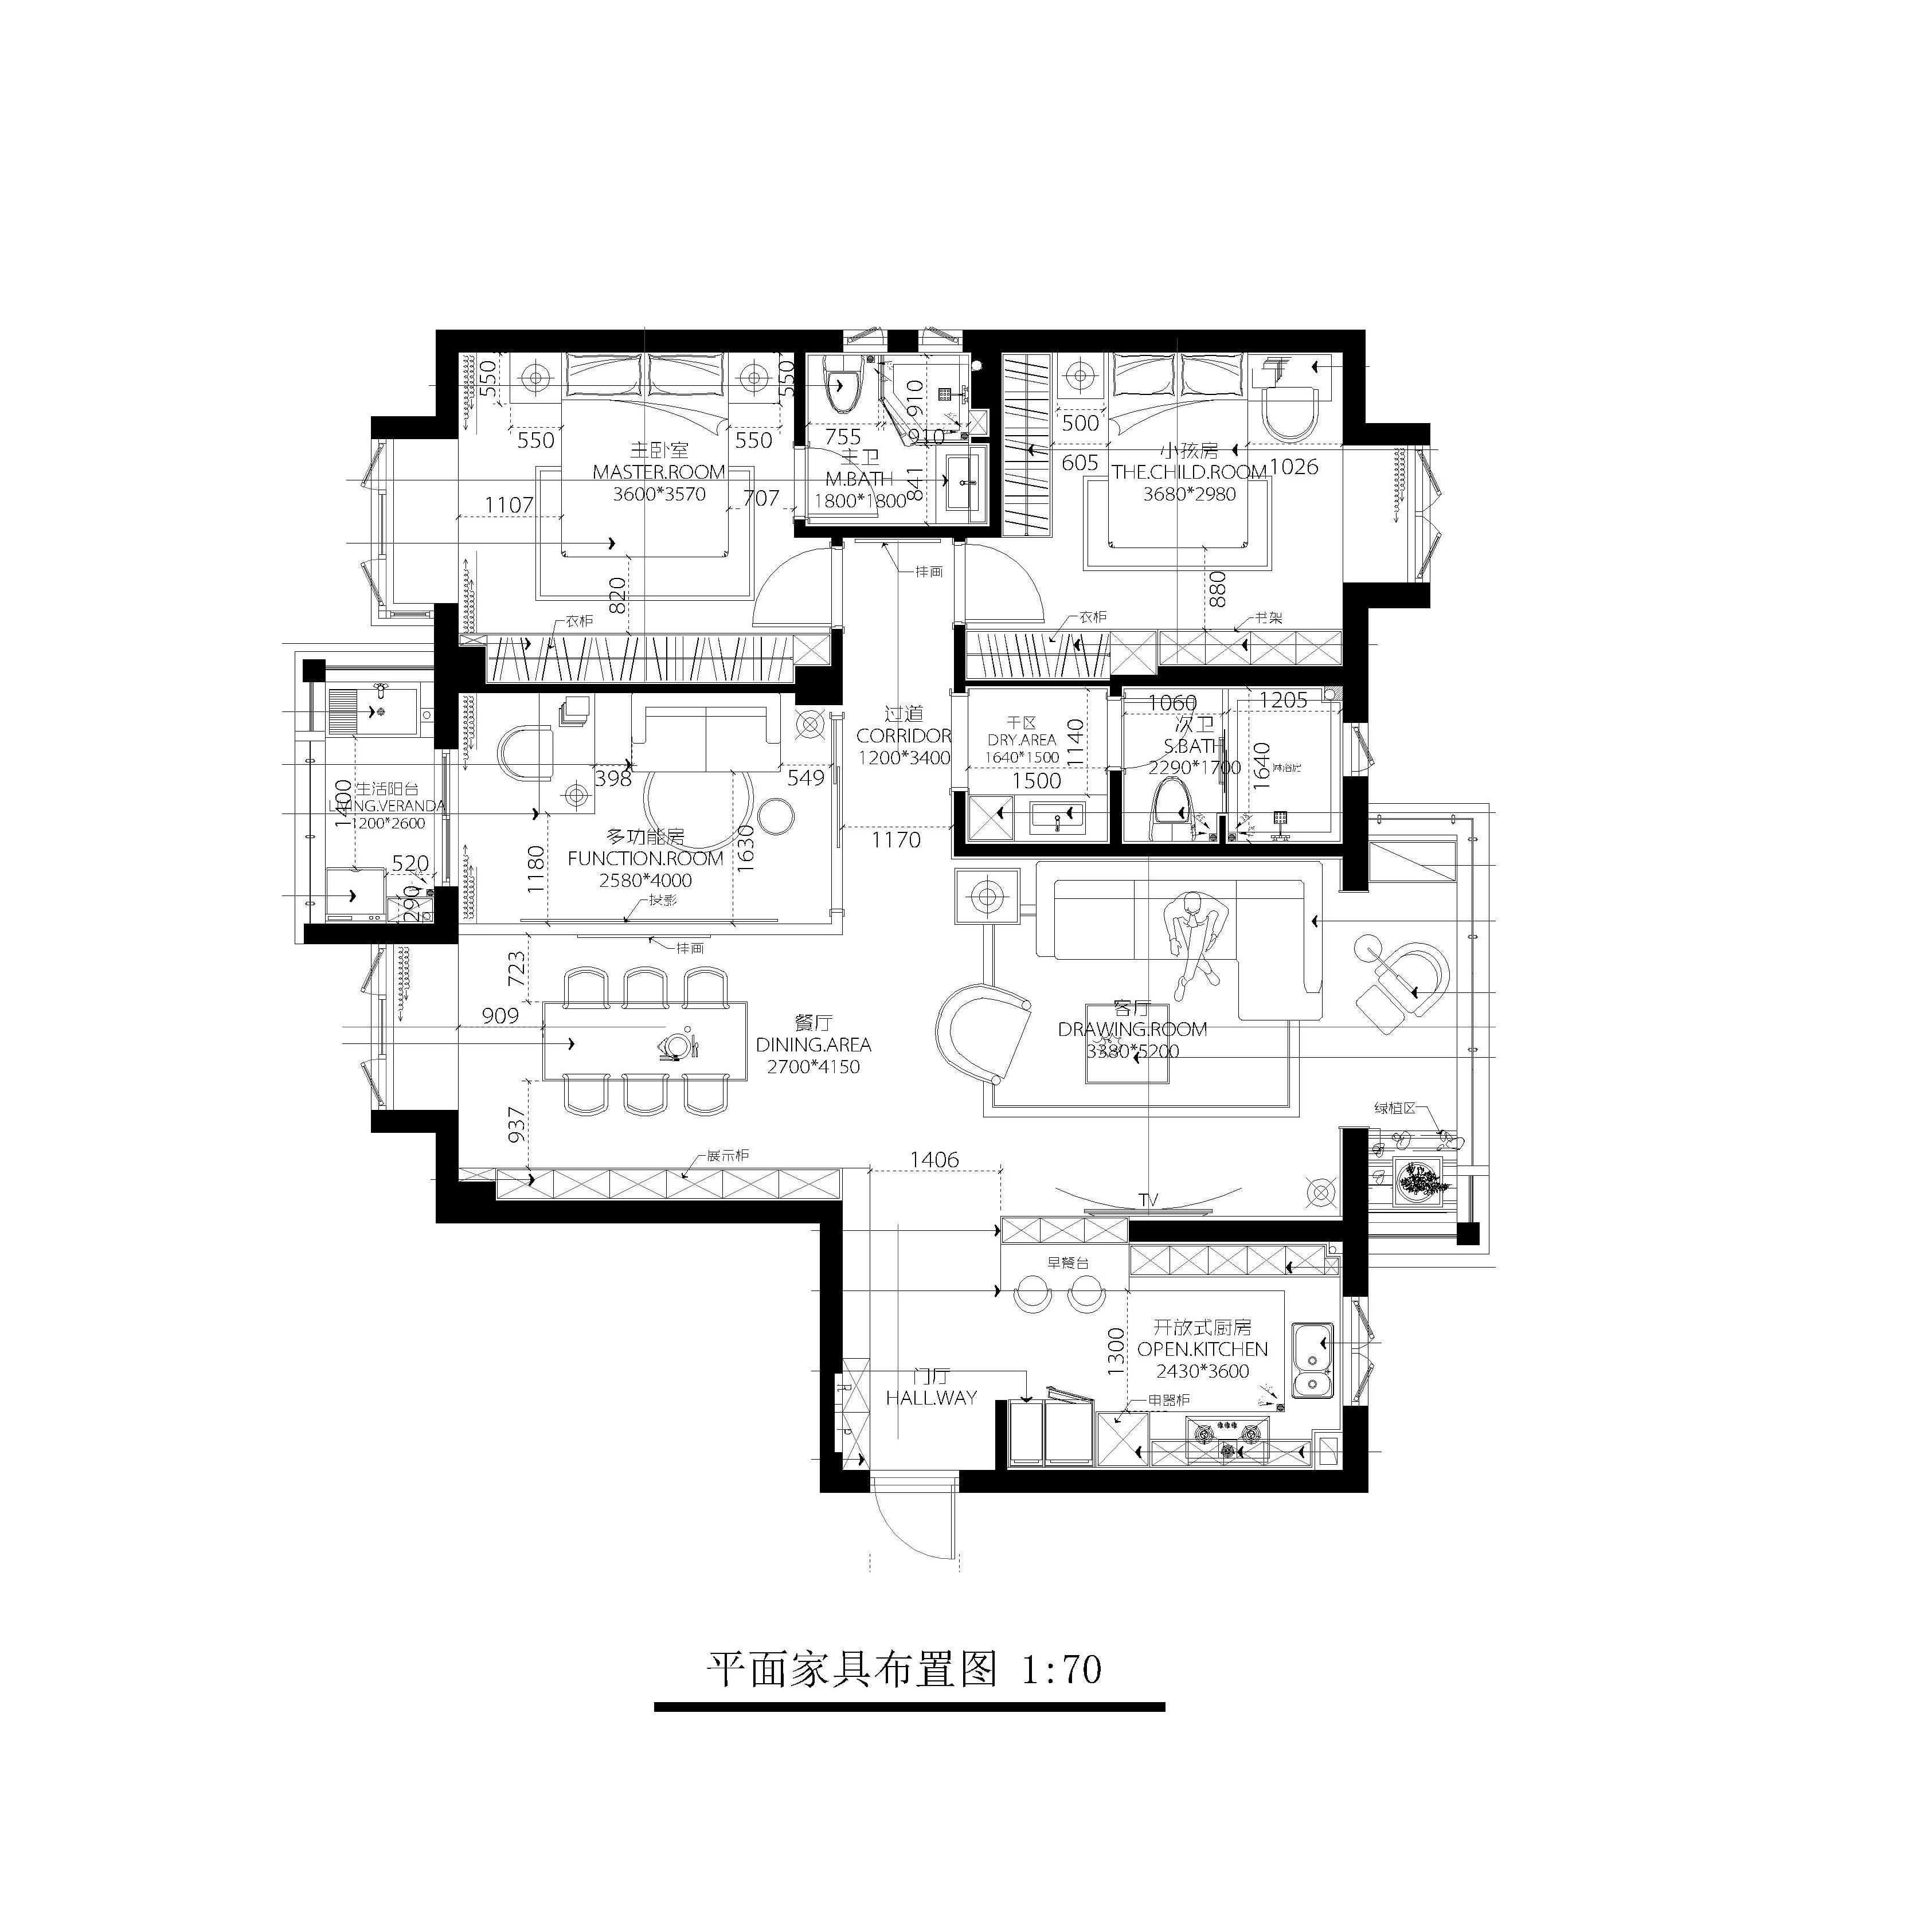 碧海银滩-115平米三室两厅-现代极简风格装修效果图装修设计理念